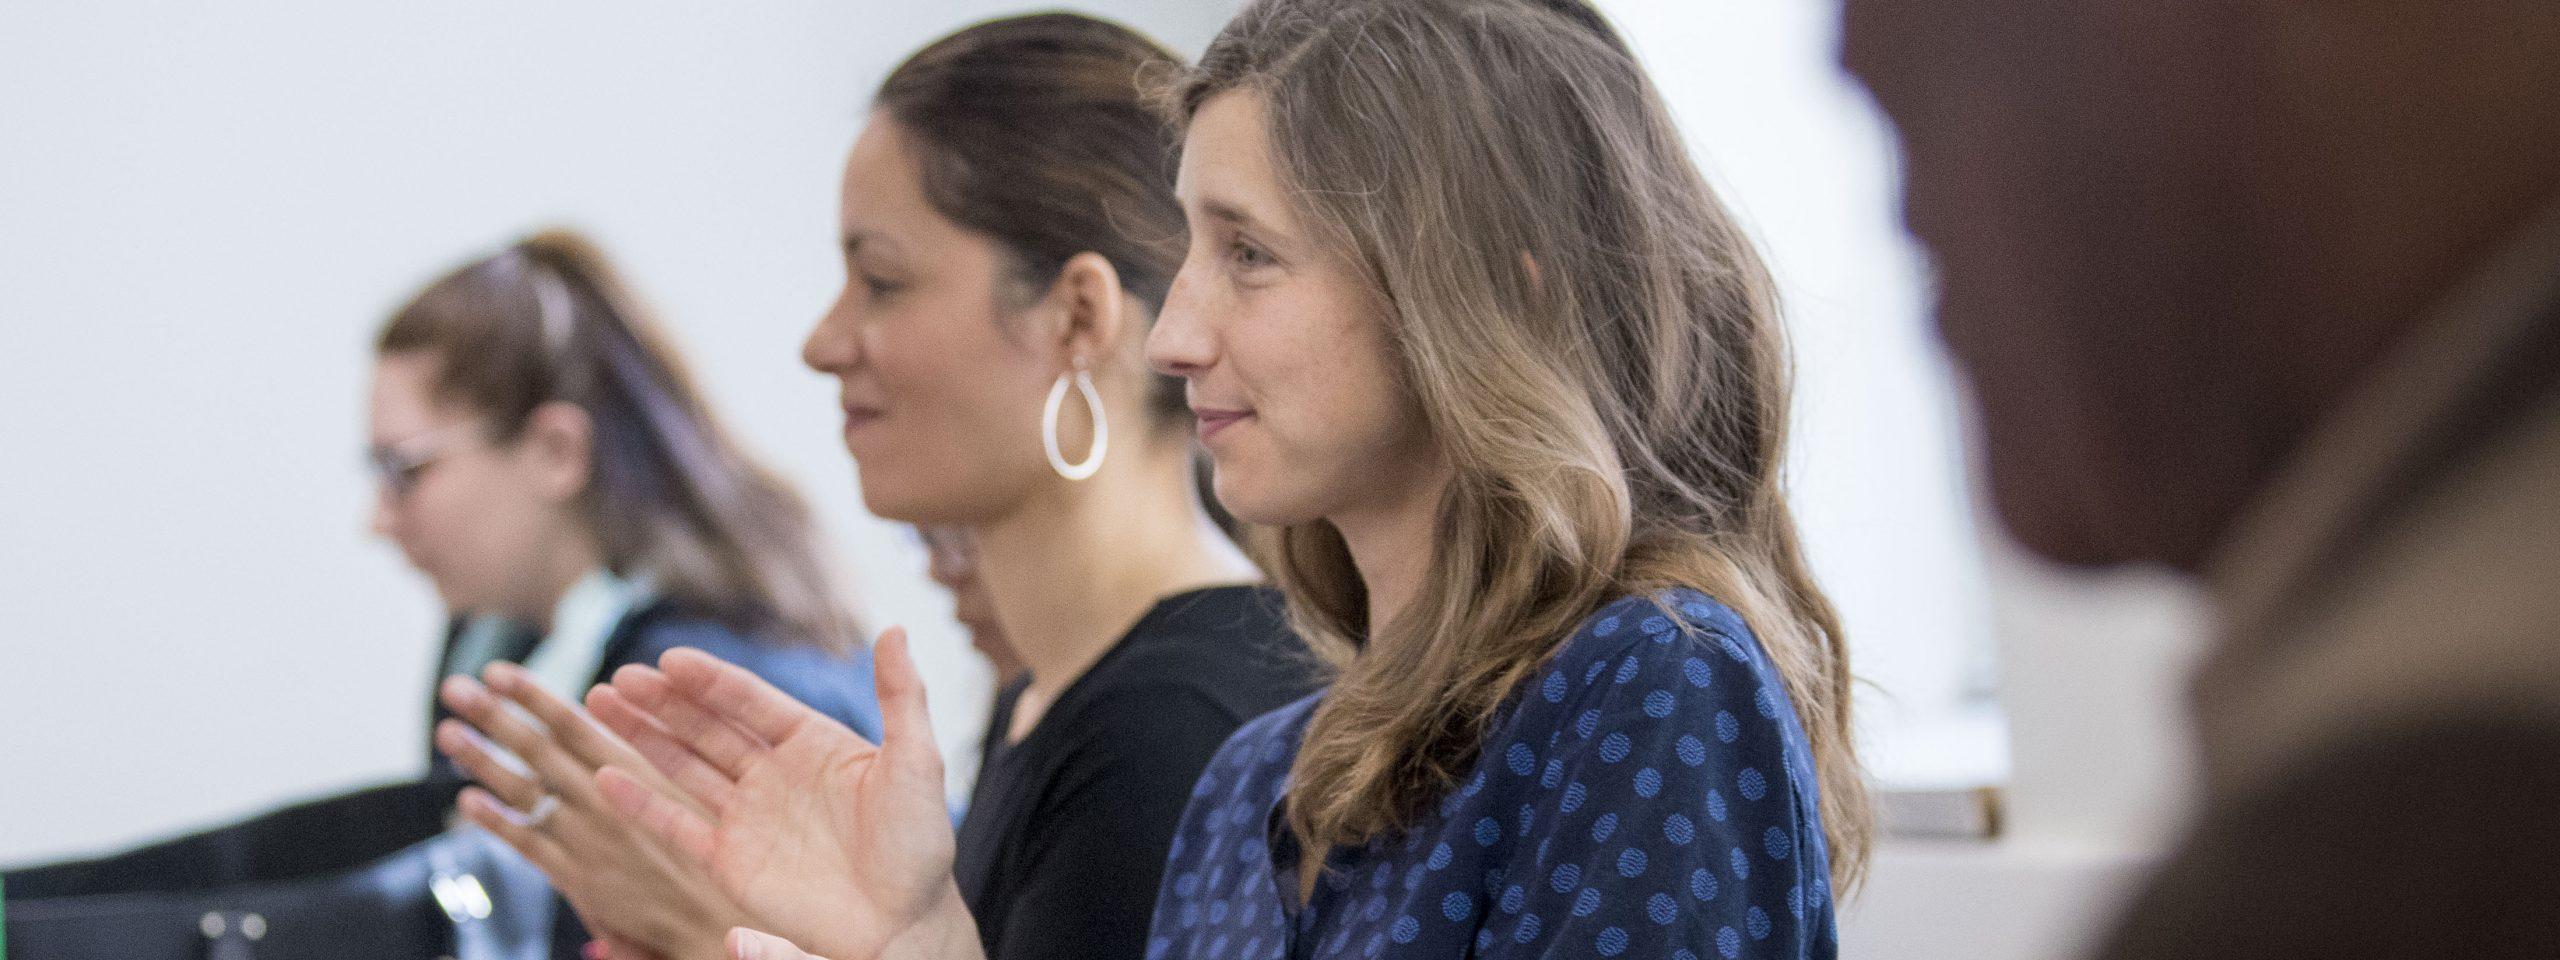 two women in class